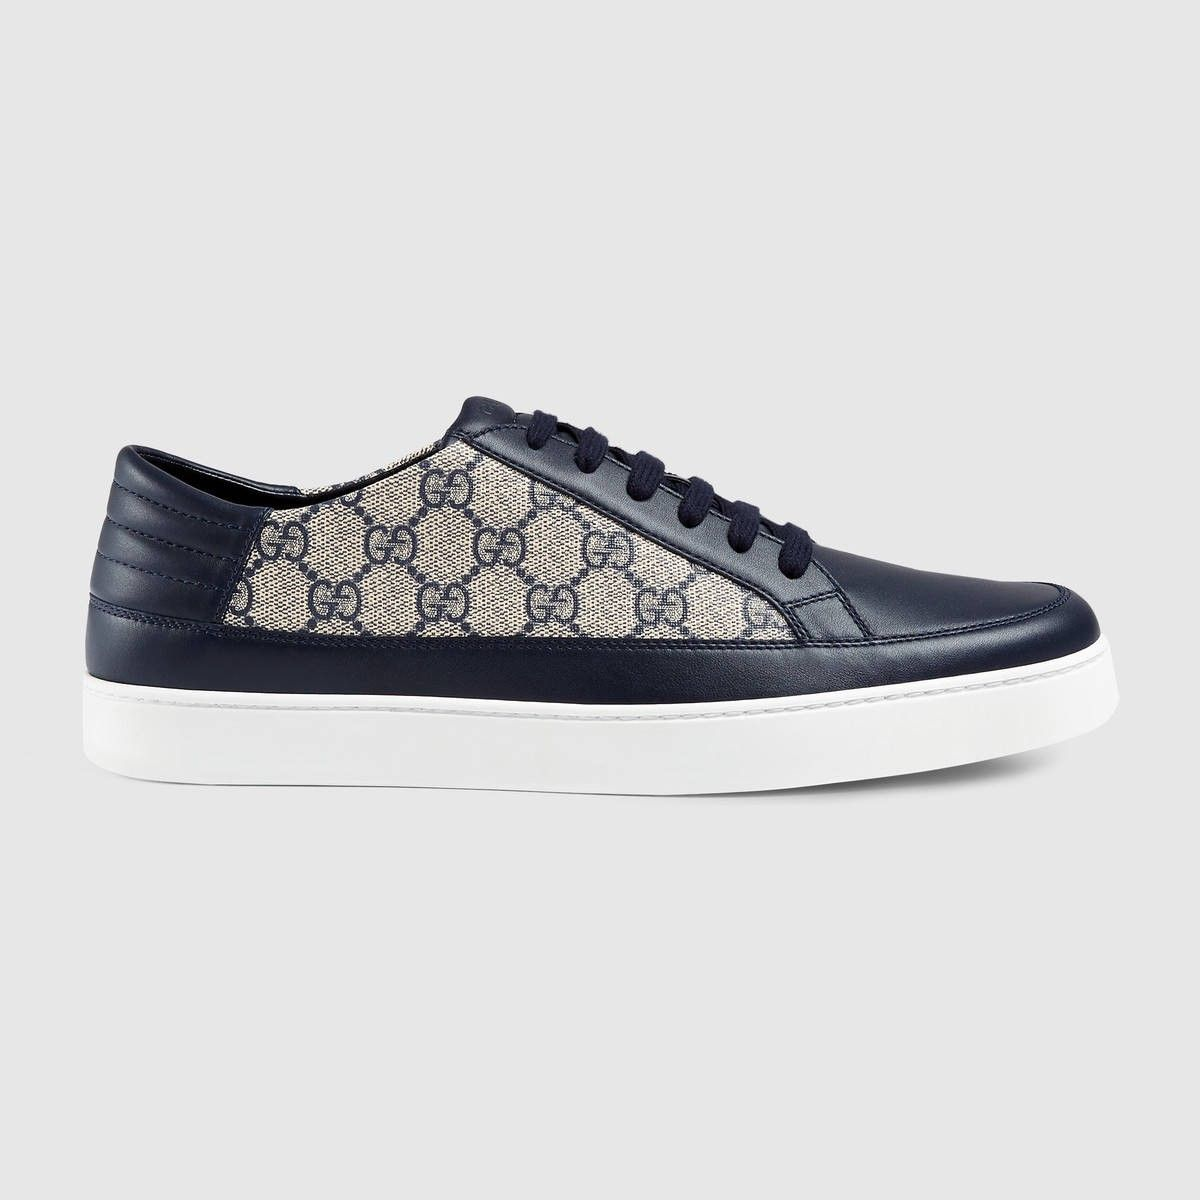 8aac90eb167 GUCCI GG Supreme sneaker - GG Supreme.  gucci  shoes